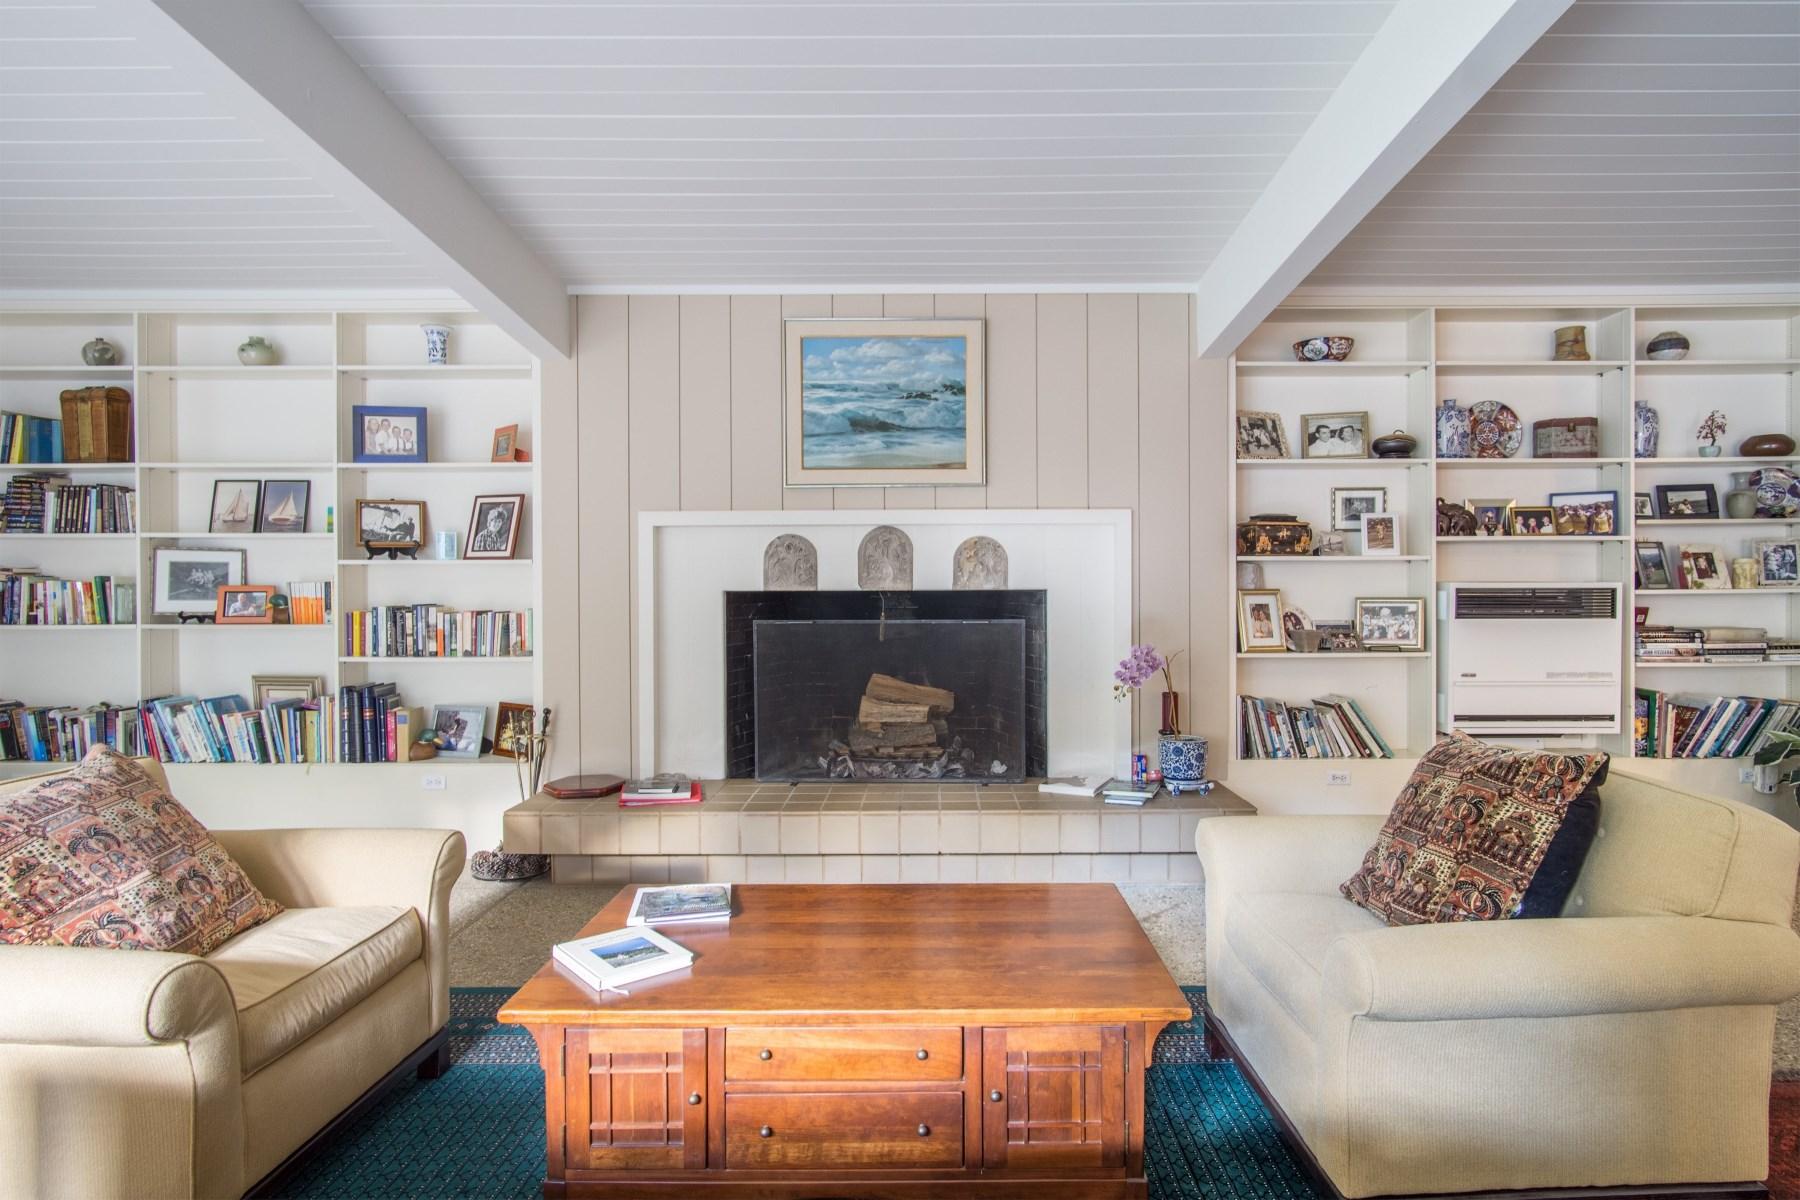 Property For Sale at Casa De Paraiso - An Equestrian Estate